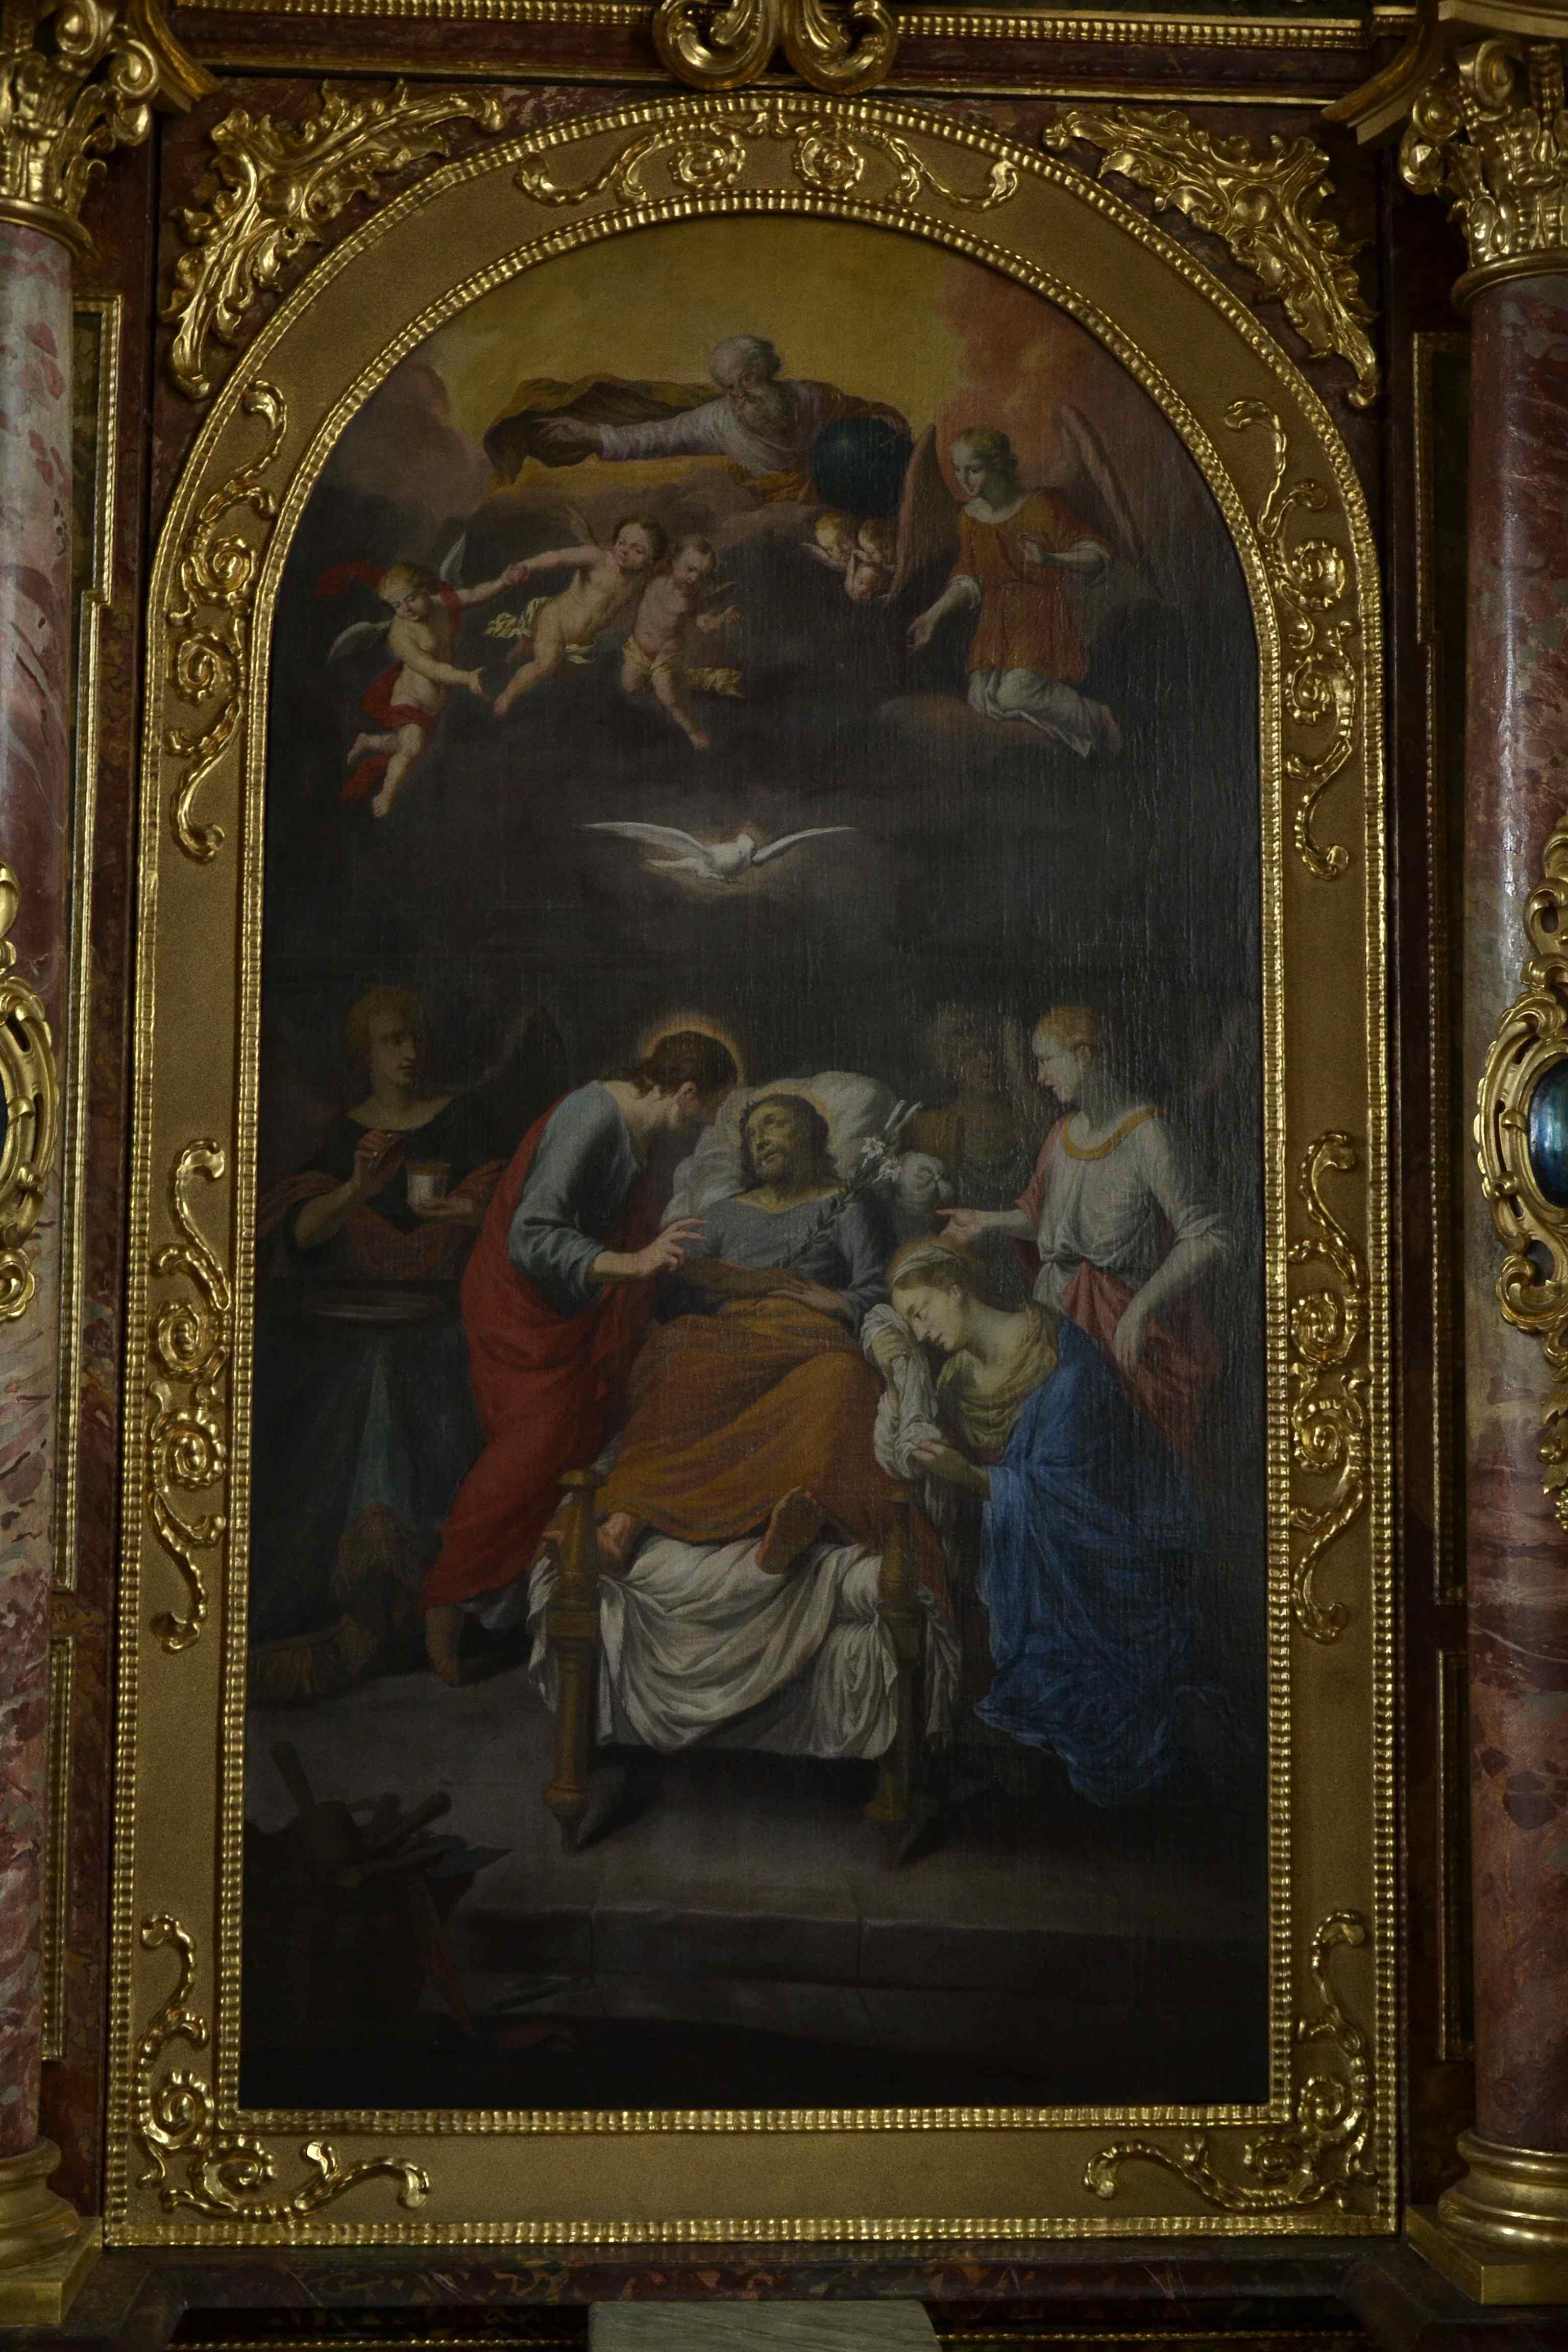 südlicher Seitenaltar: Tod des Heiligen Joseph, 1683 von Johann Friedrich Sichelbein, Memmingen